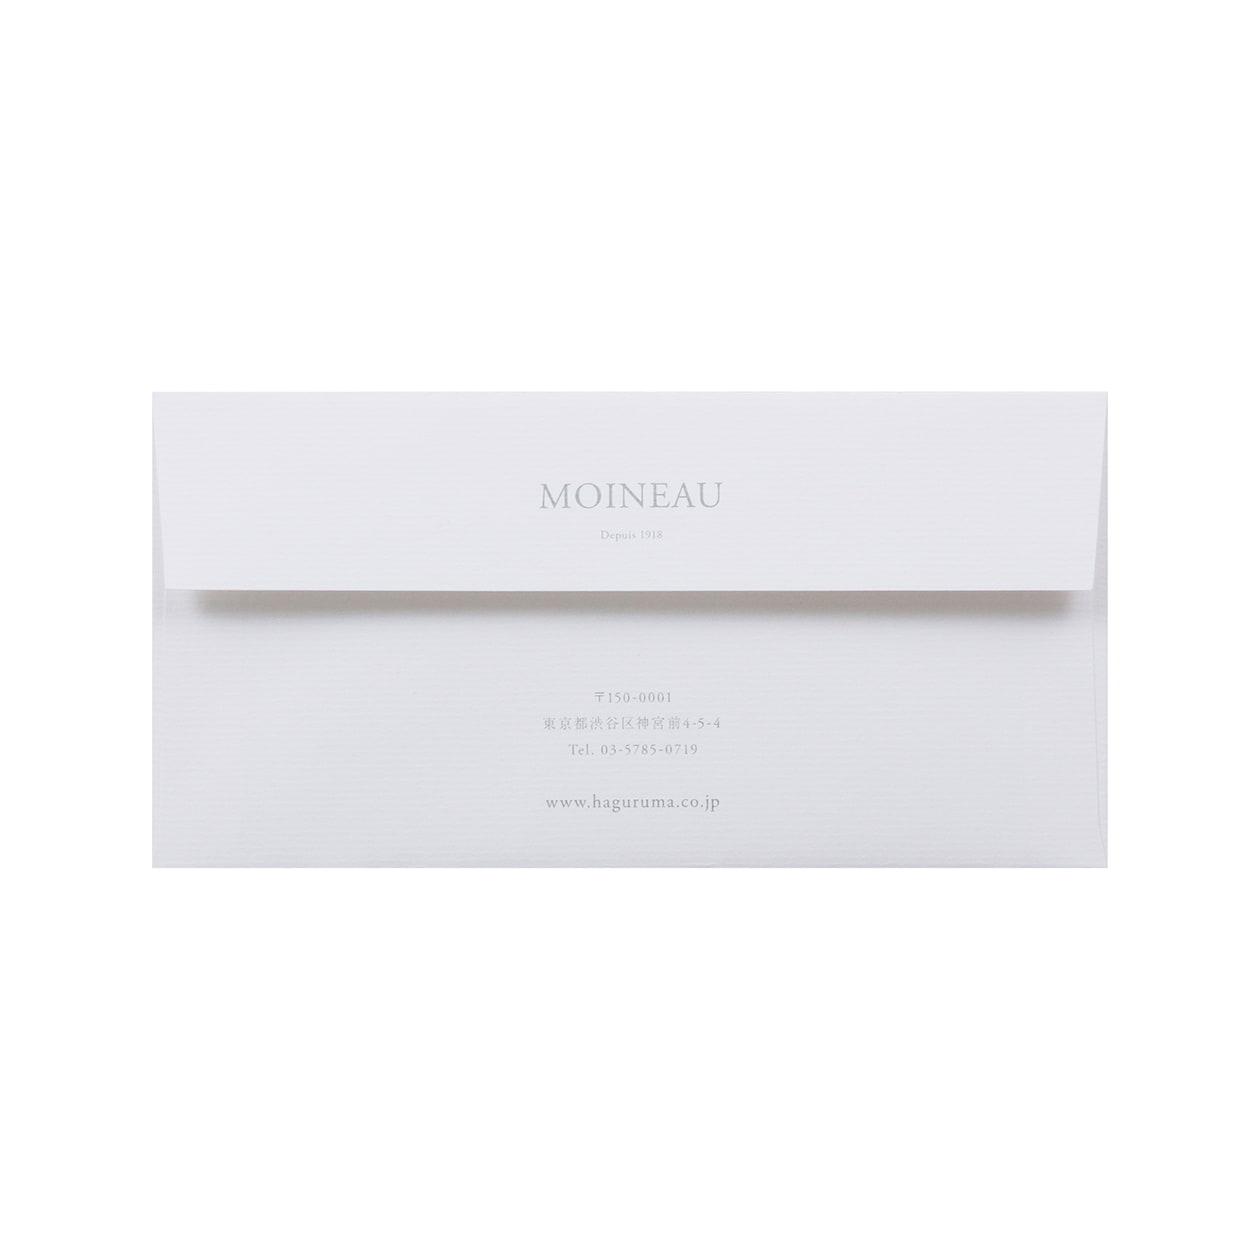 サンプル 封筒・袋 00122